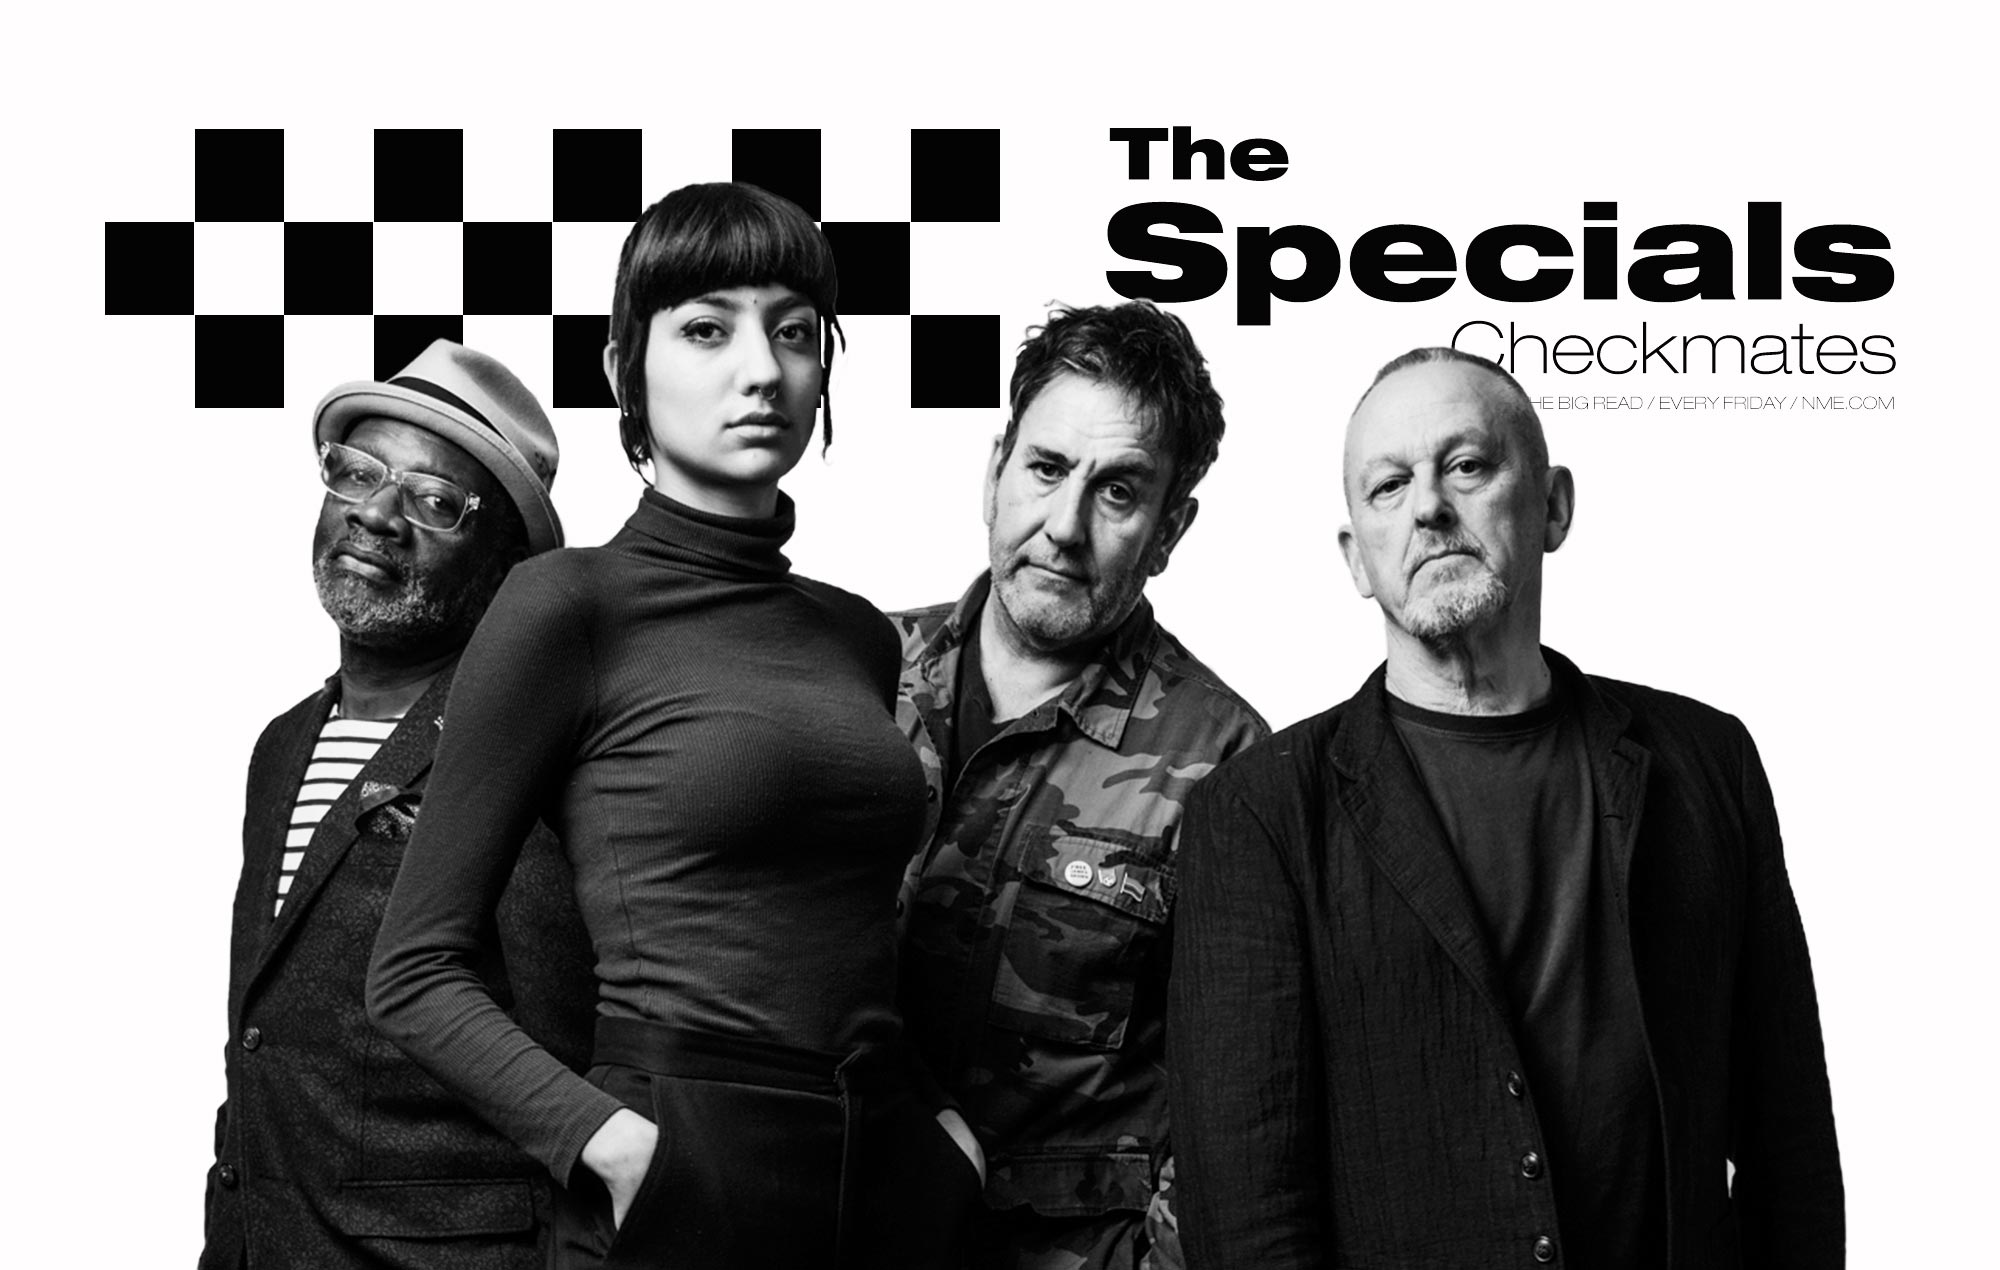 The-Specials-Web-Header.jpg